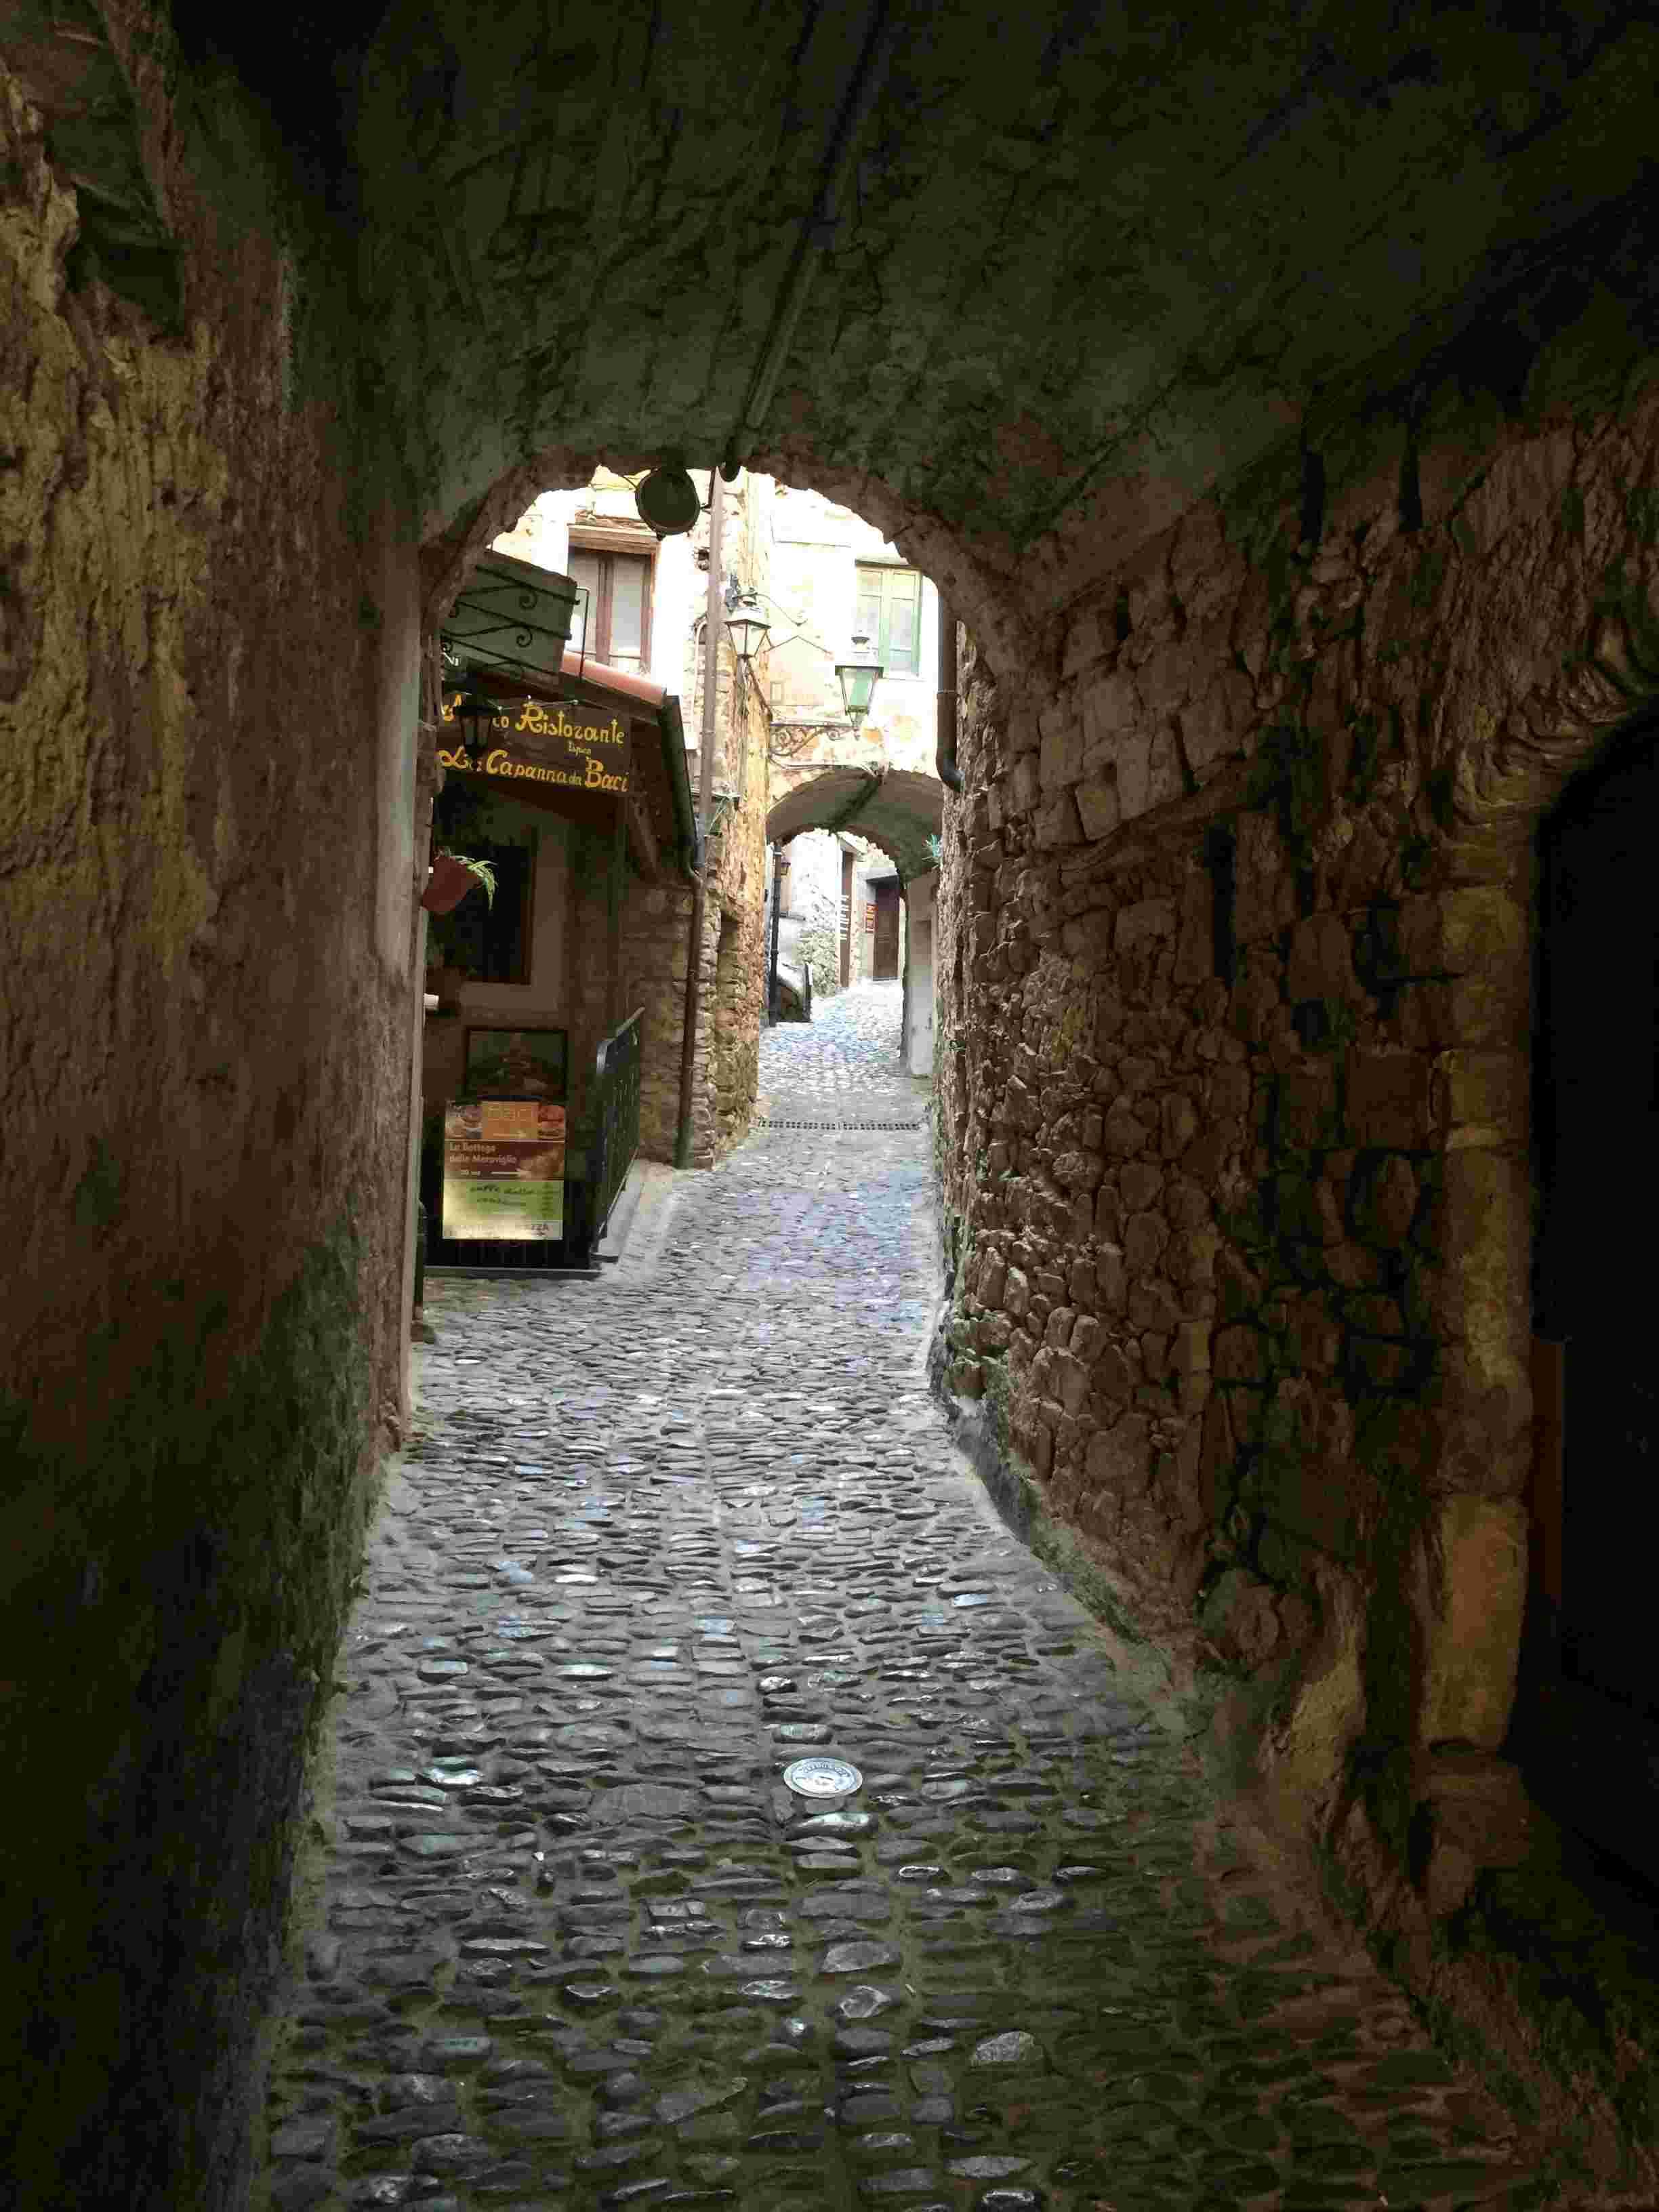 Apricale, le plus beau village d'Italie Aprica44